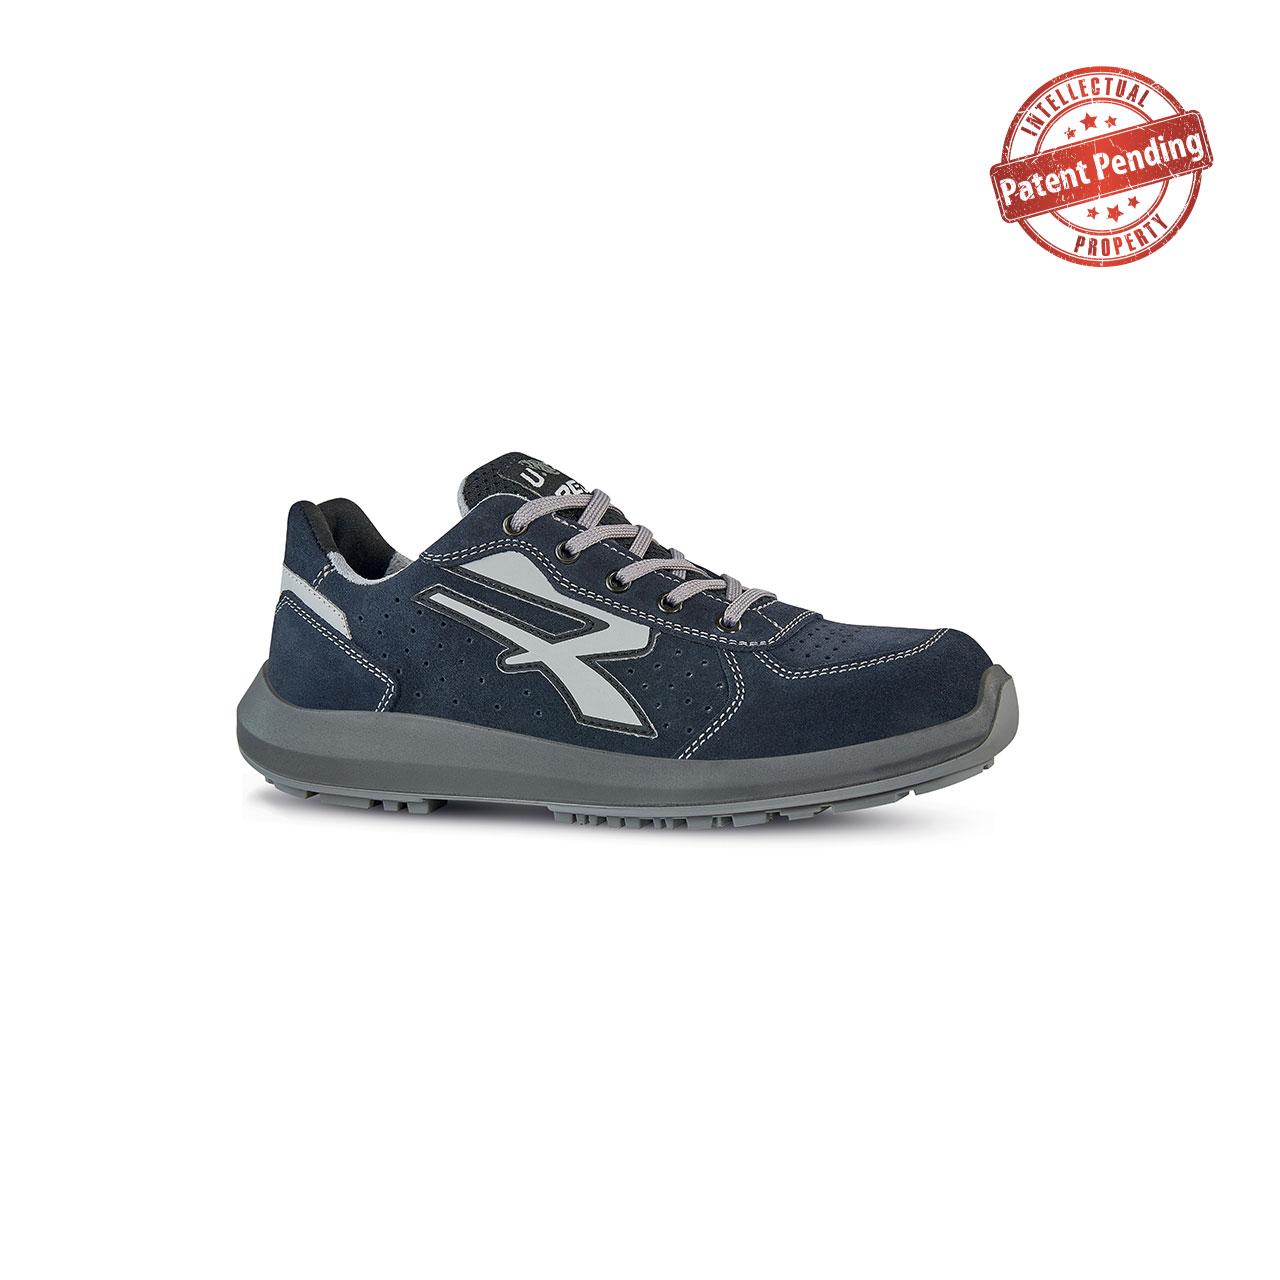 scarpa antinfortunistica upower modello nash linea redup vista laterale